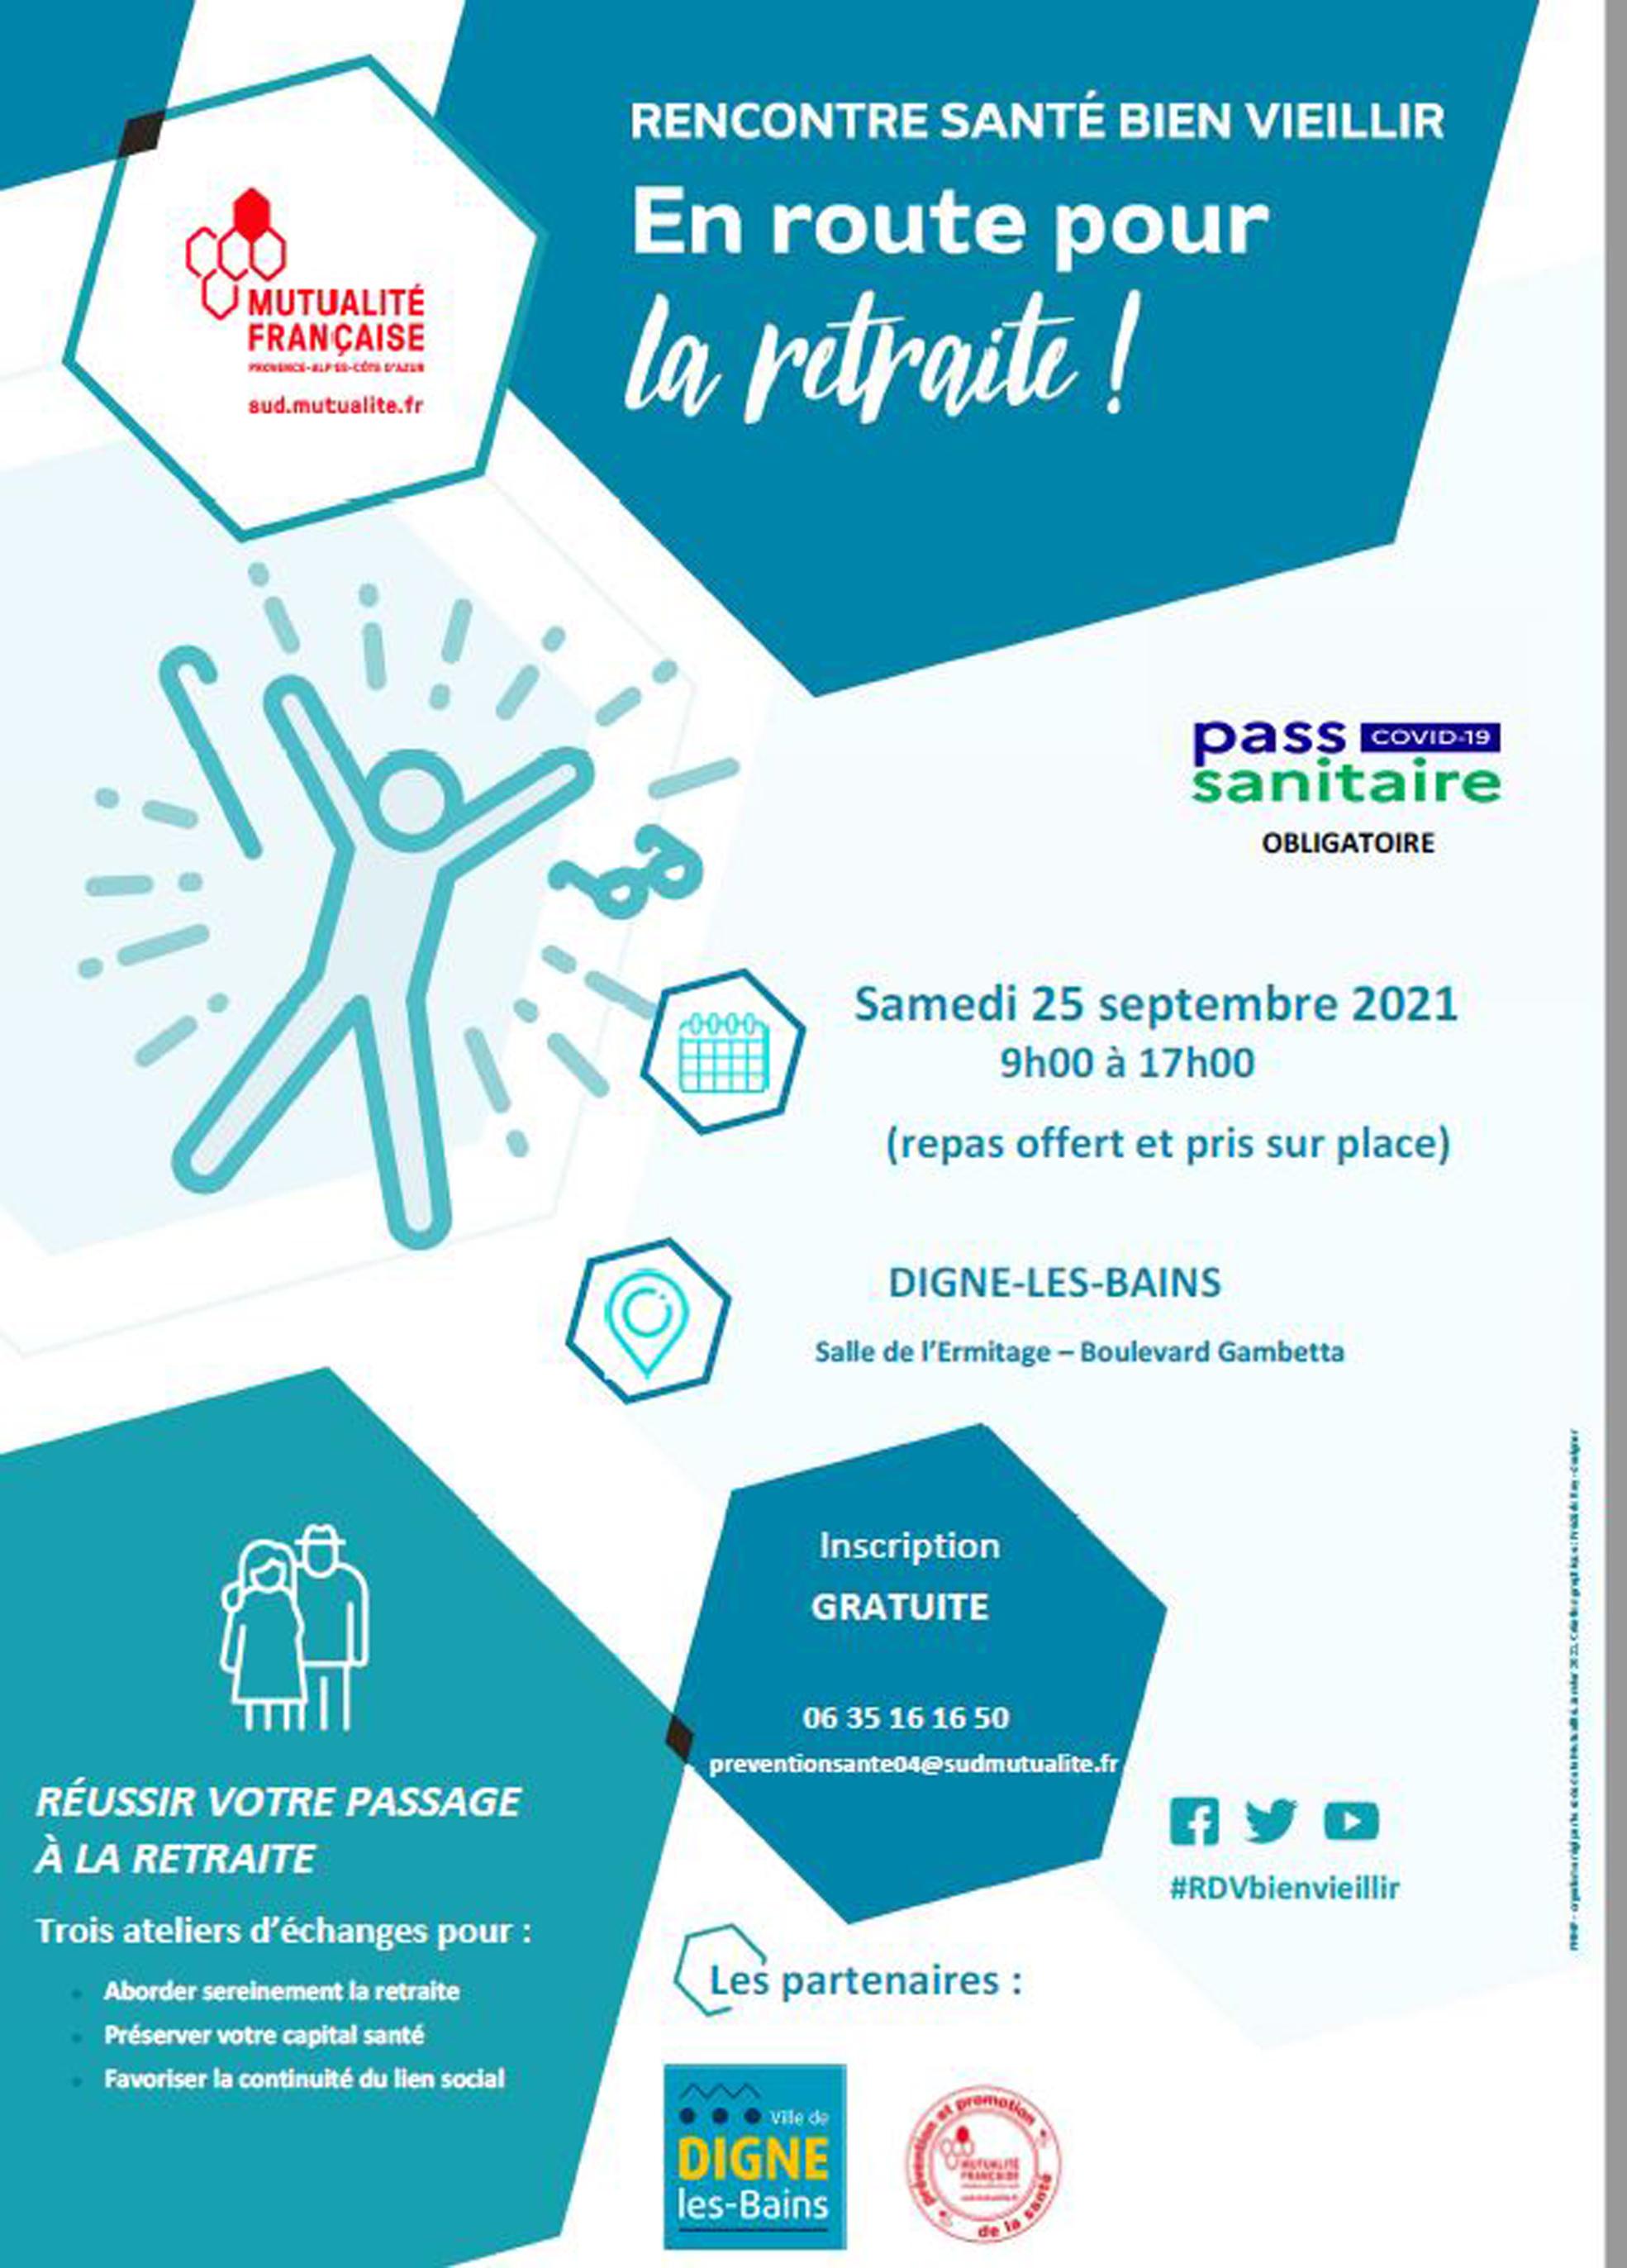 La mutualité française organise un stage de préparation à la retraite